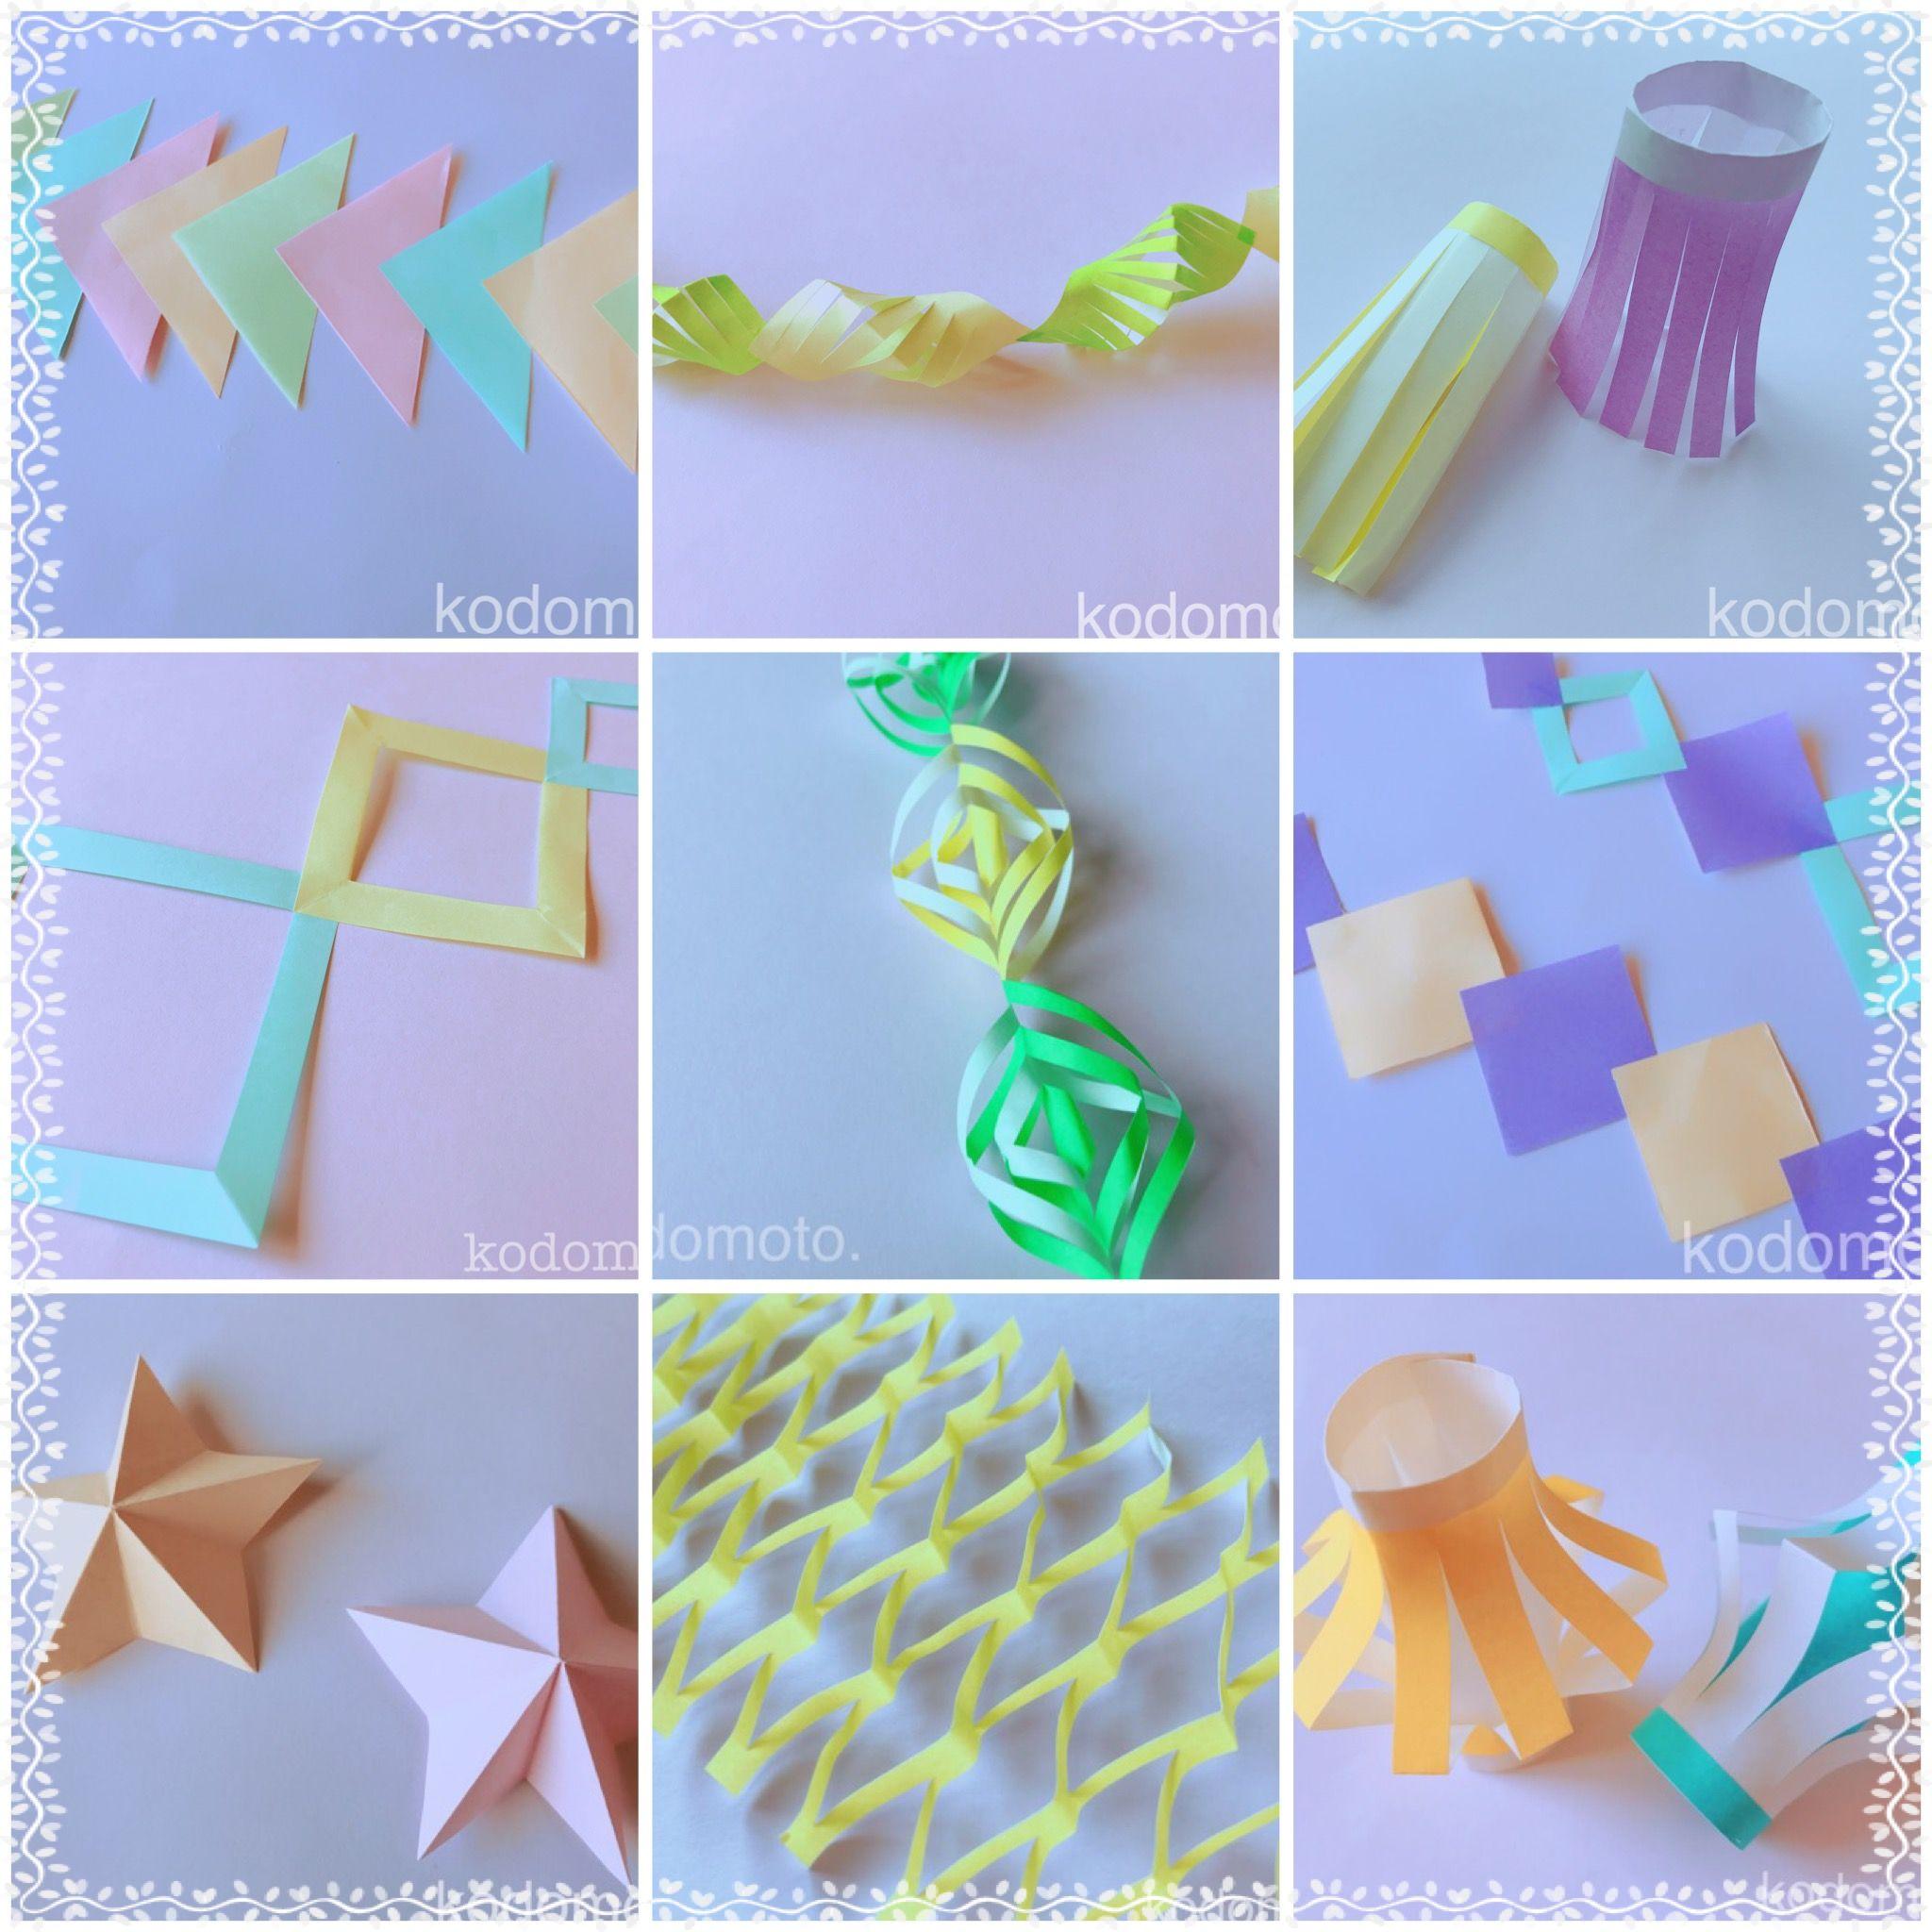 七夕飾り折り紙で簡単 おしゃれで可愛い作り方 16選 Kodomoto 七夕飾り 折り紙 七夕飾り 簡単 折り紙 花